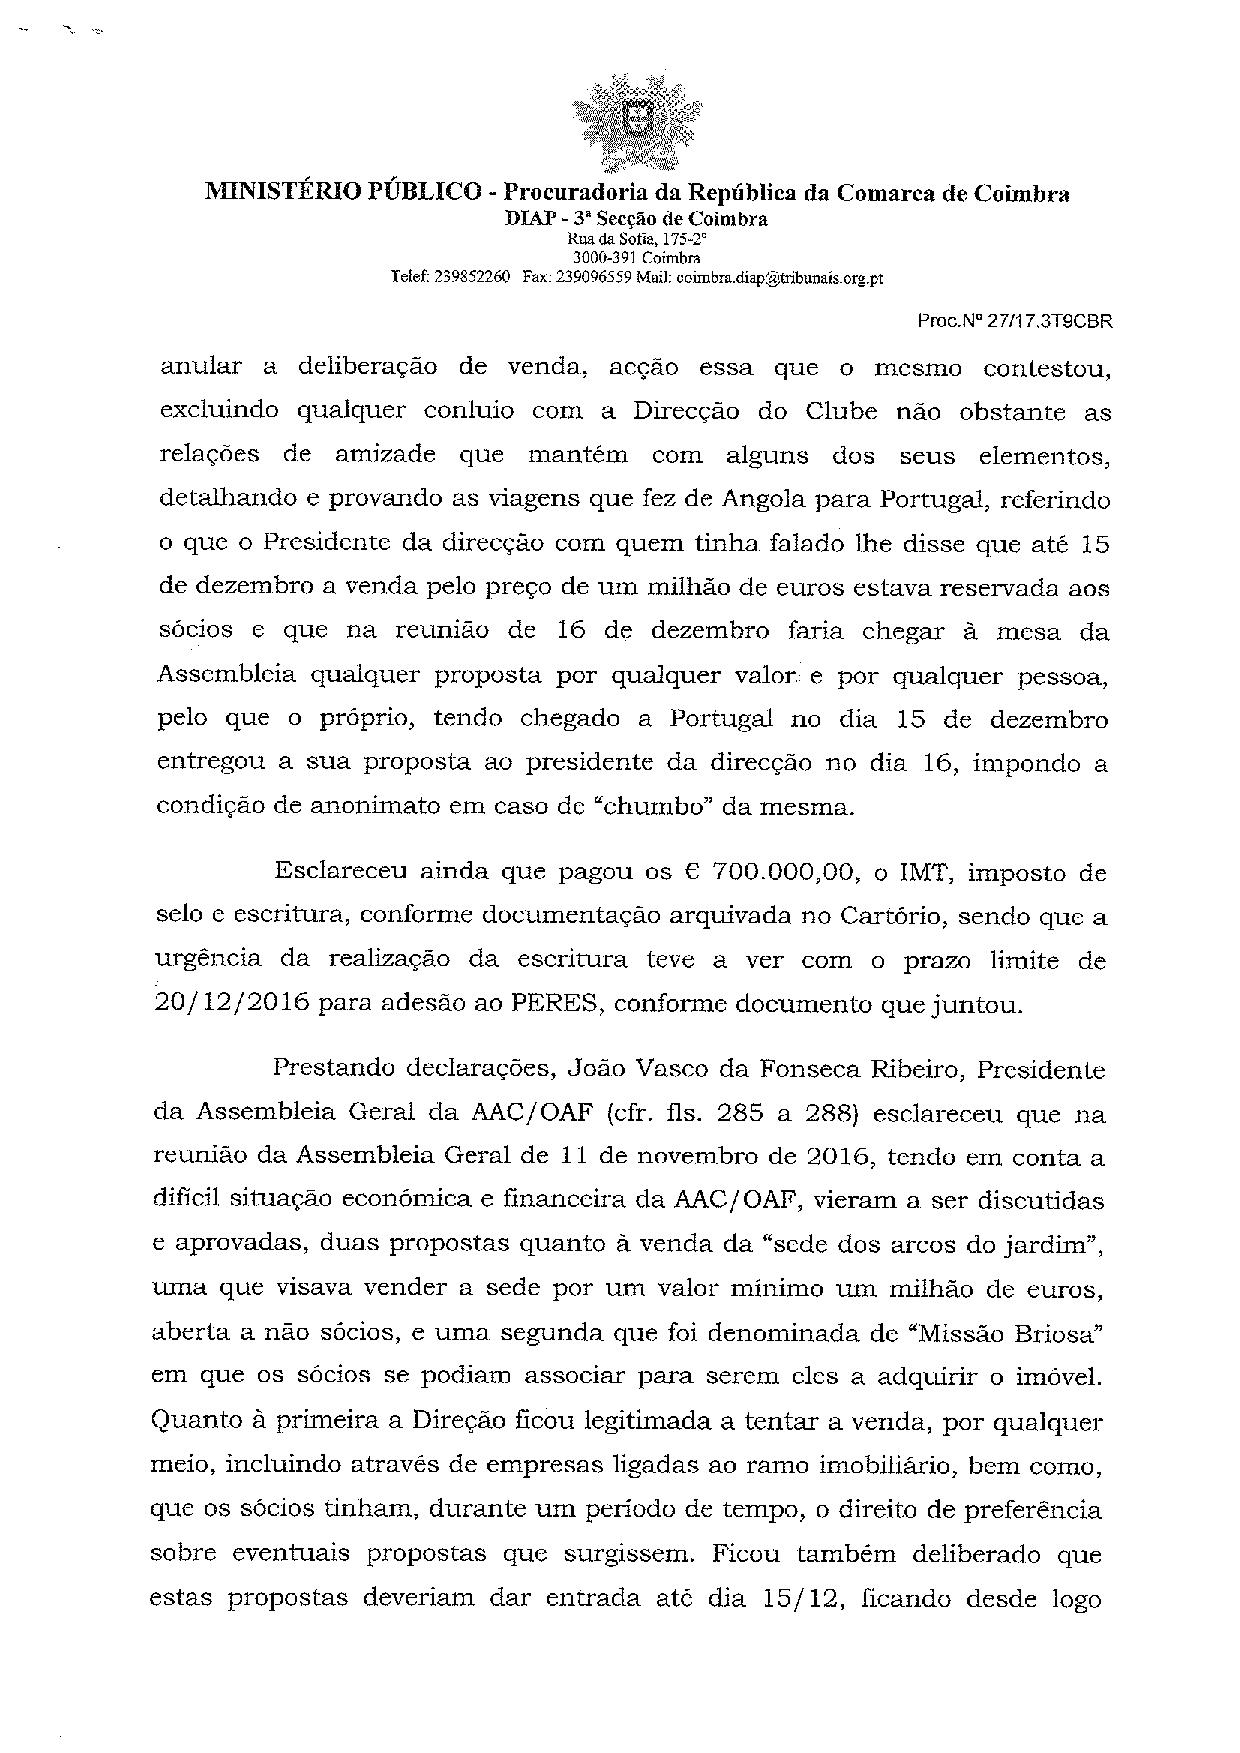 ACA-page-018